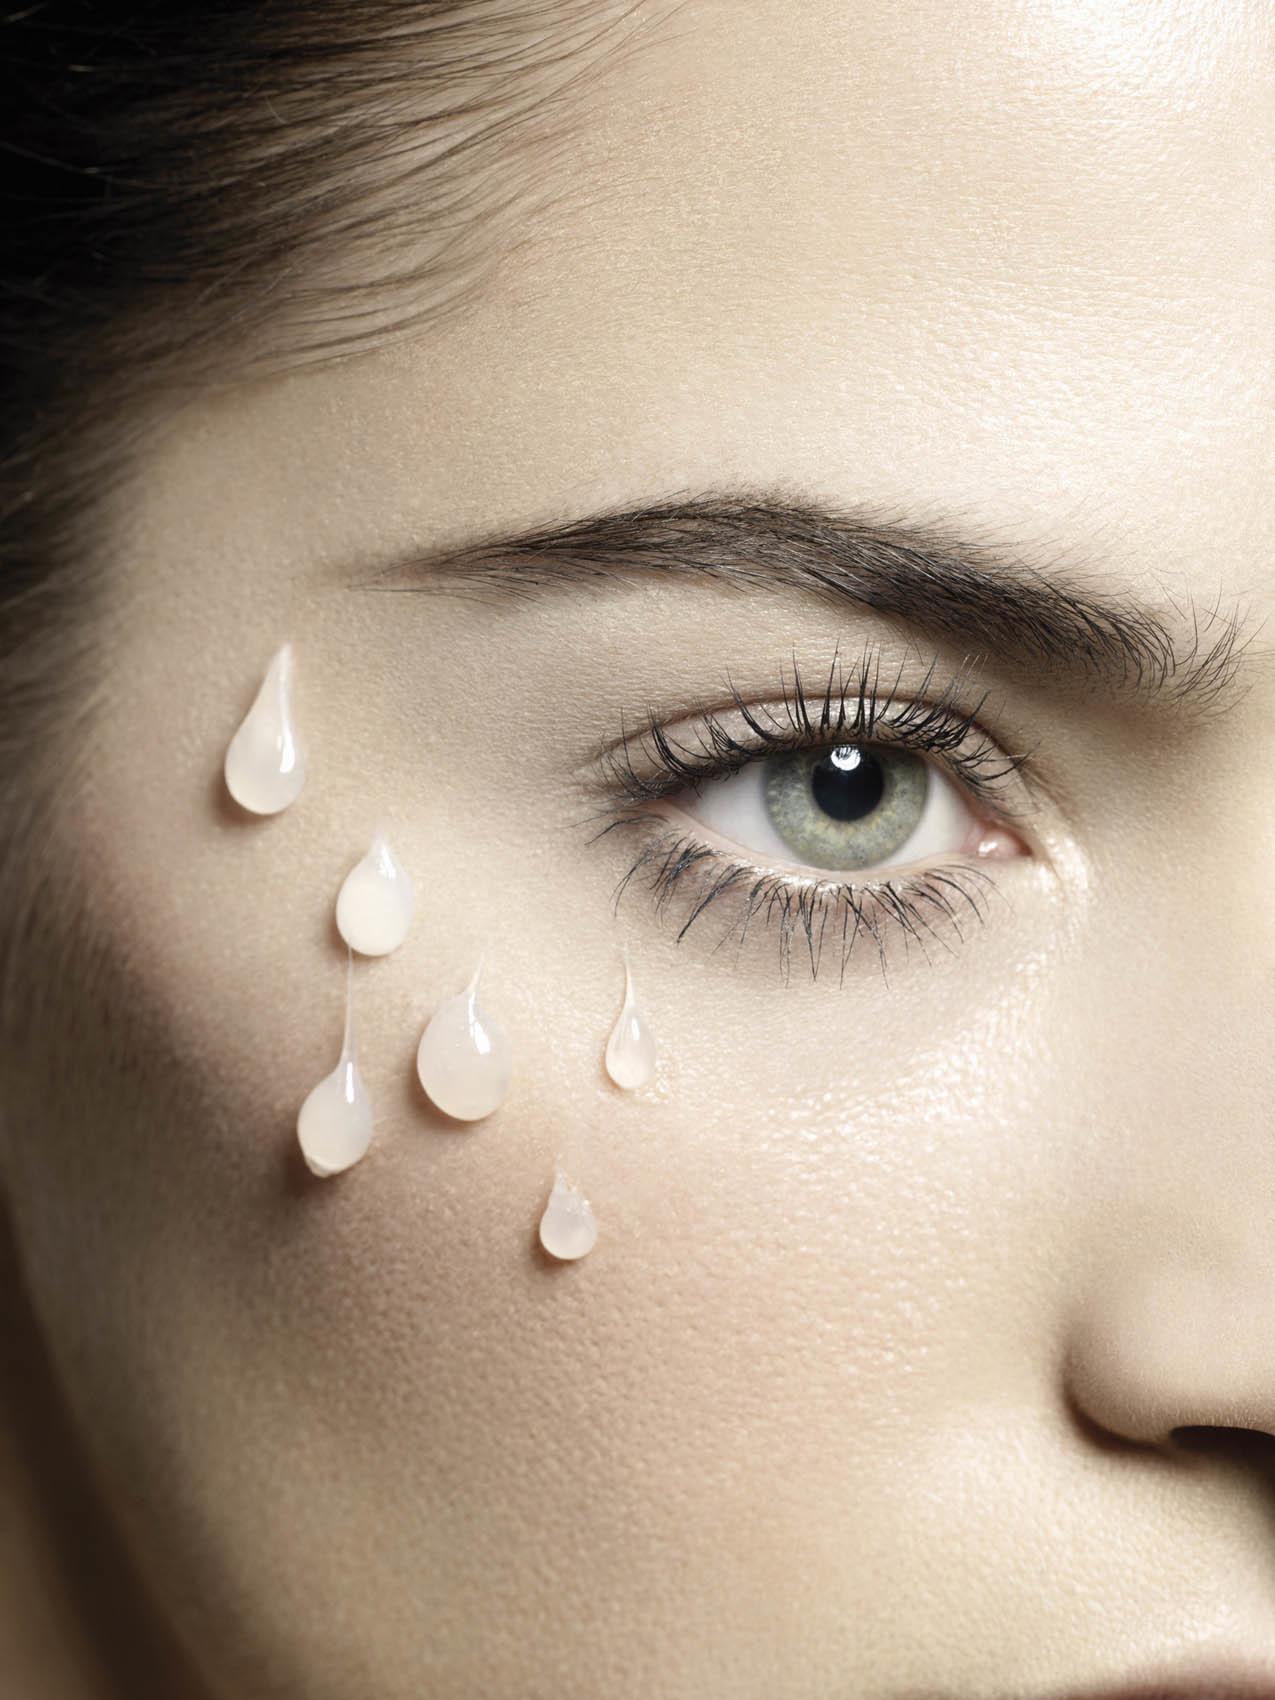 Los mejores sérums según las necesidades de tu piel.